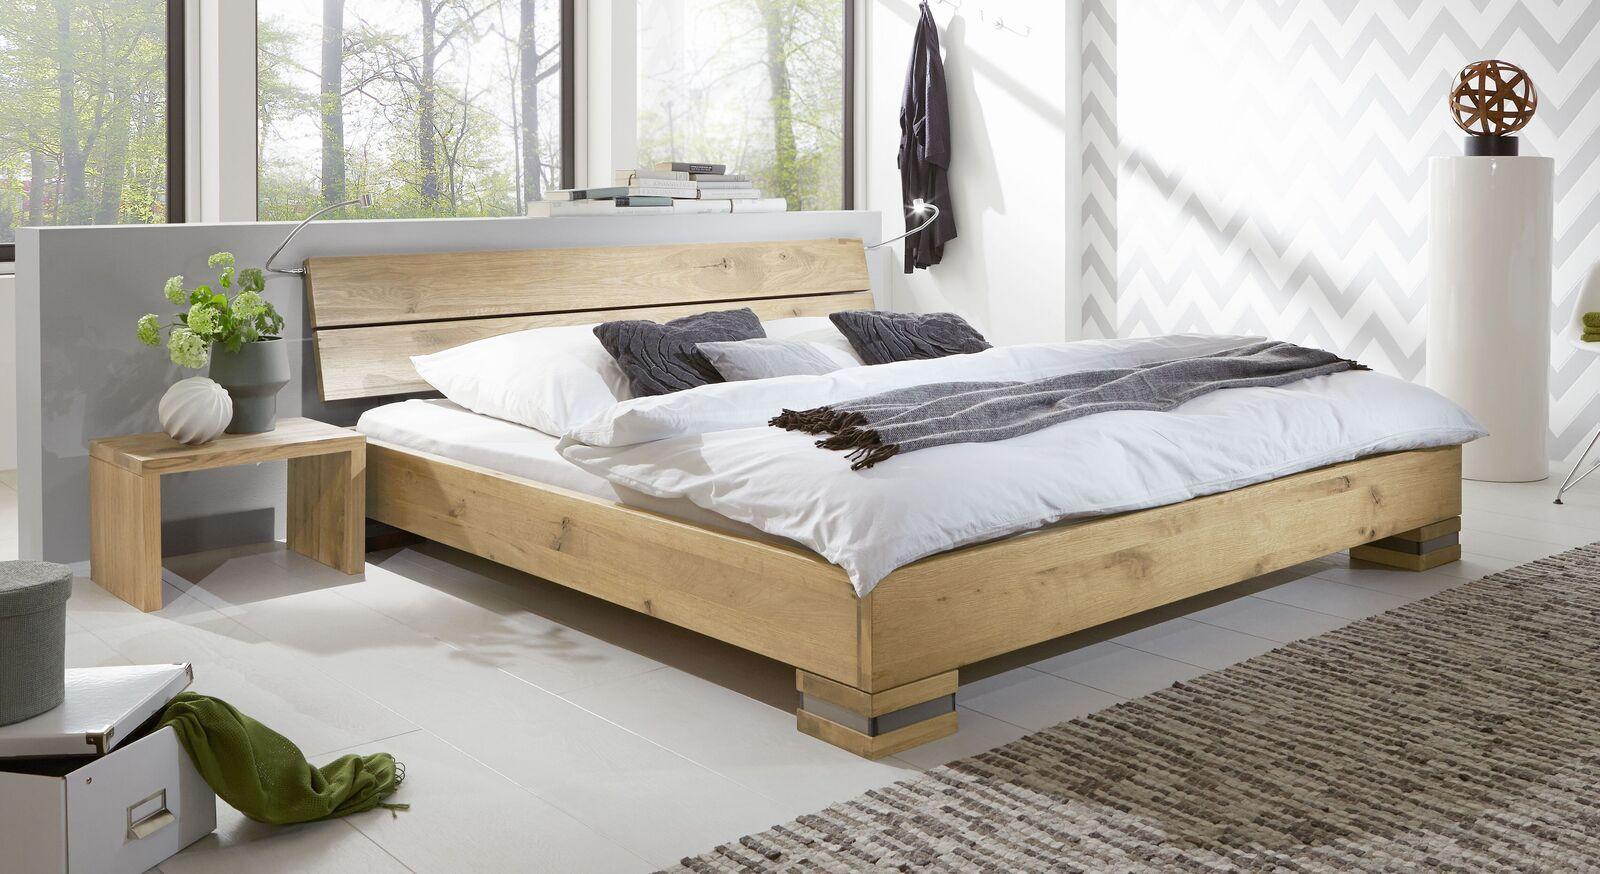 Bett Curada aus hochwertigem Massivholz in Wildeiche pure